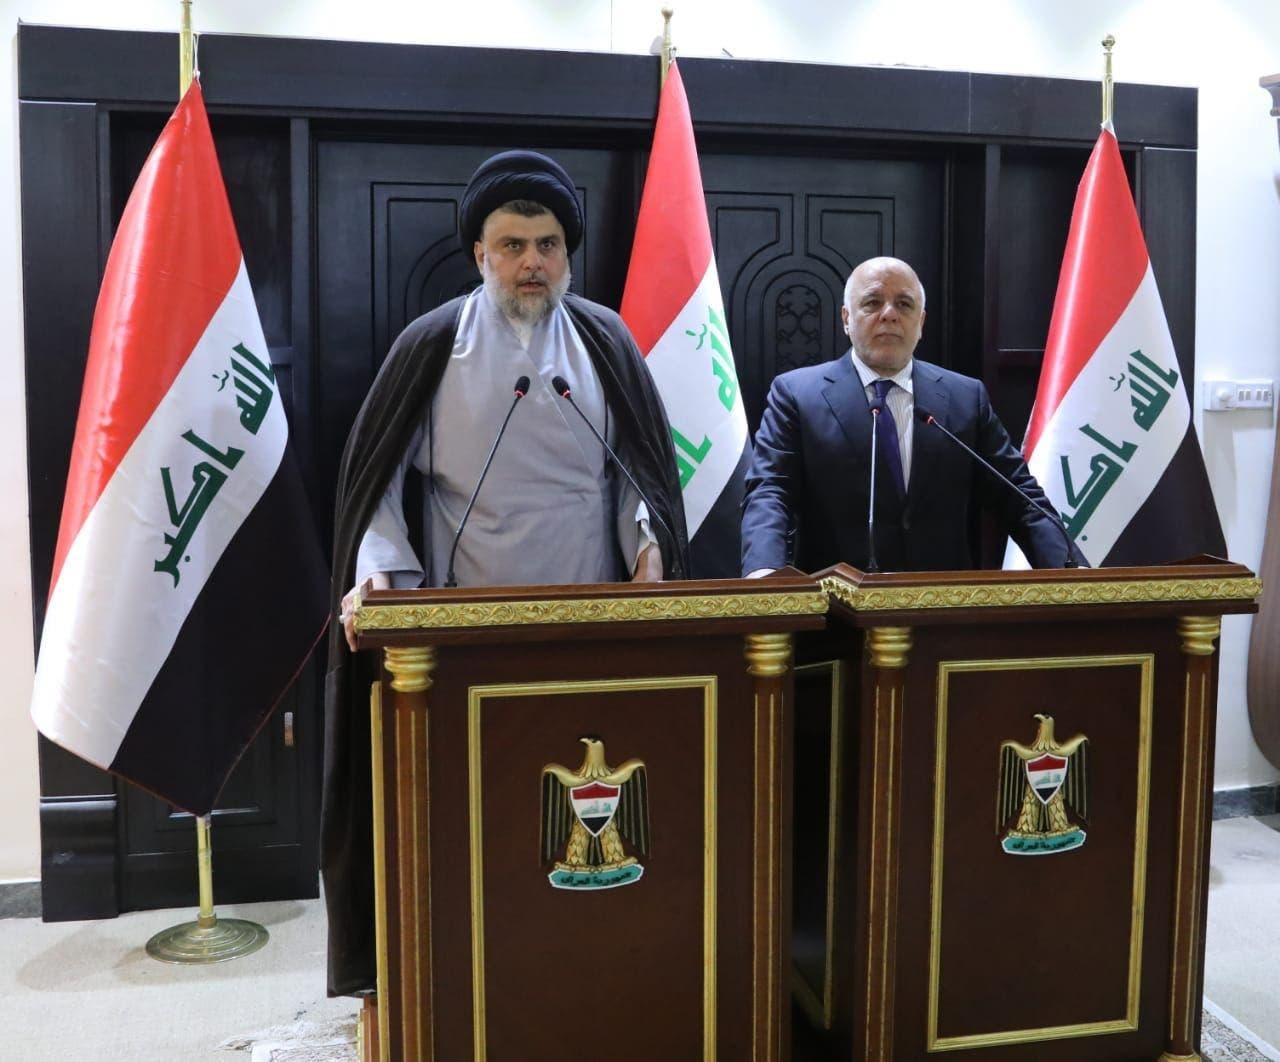 حیدر العبادی نخستوزیر عراق و رهبر ائتلاف النصر در کنار مقتدی صدر